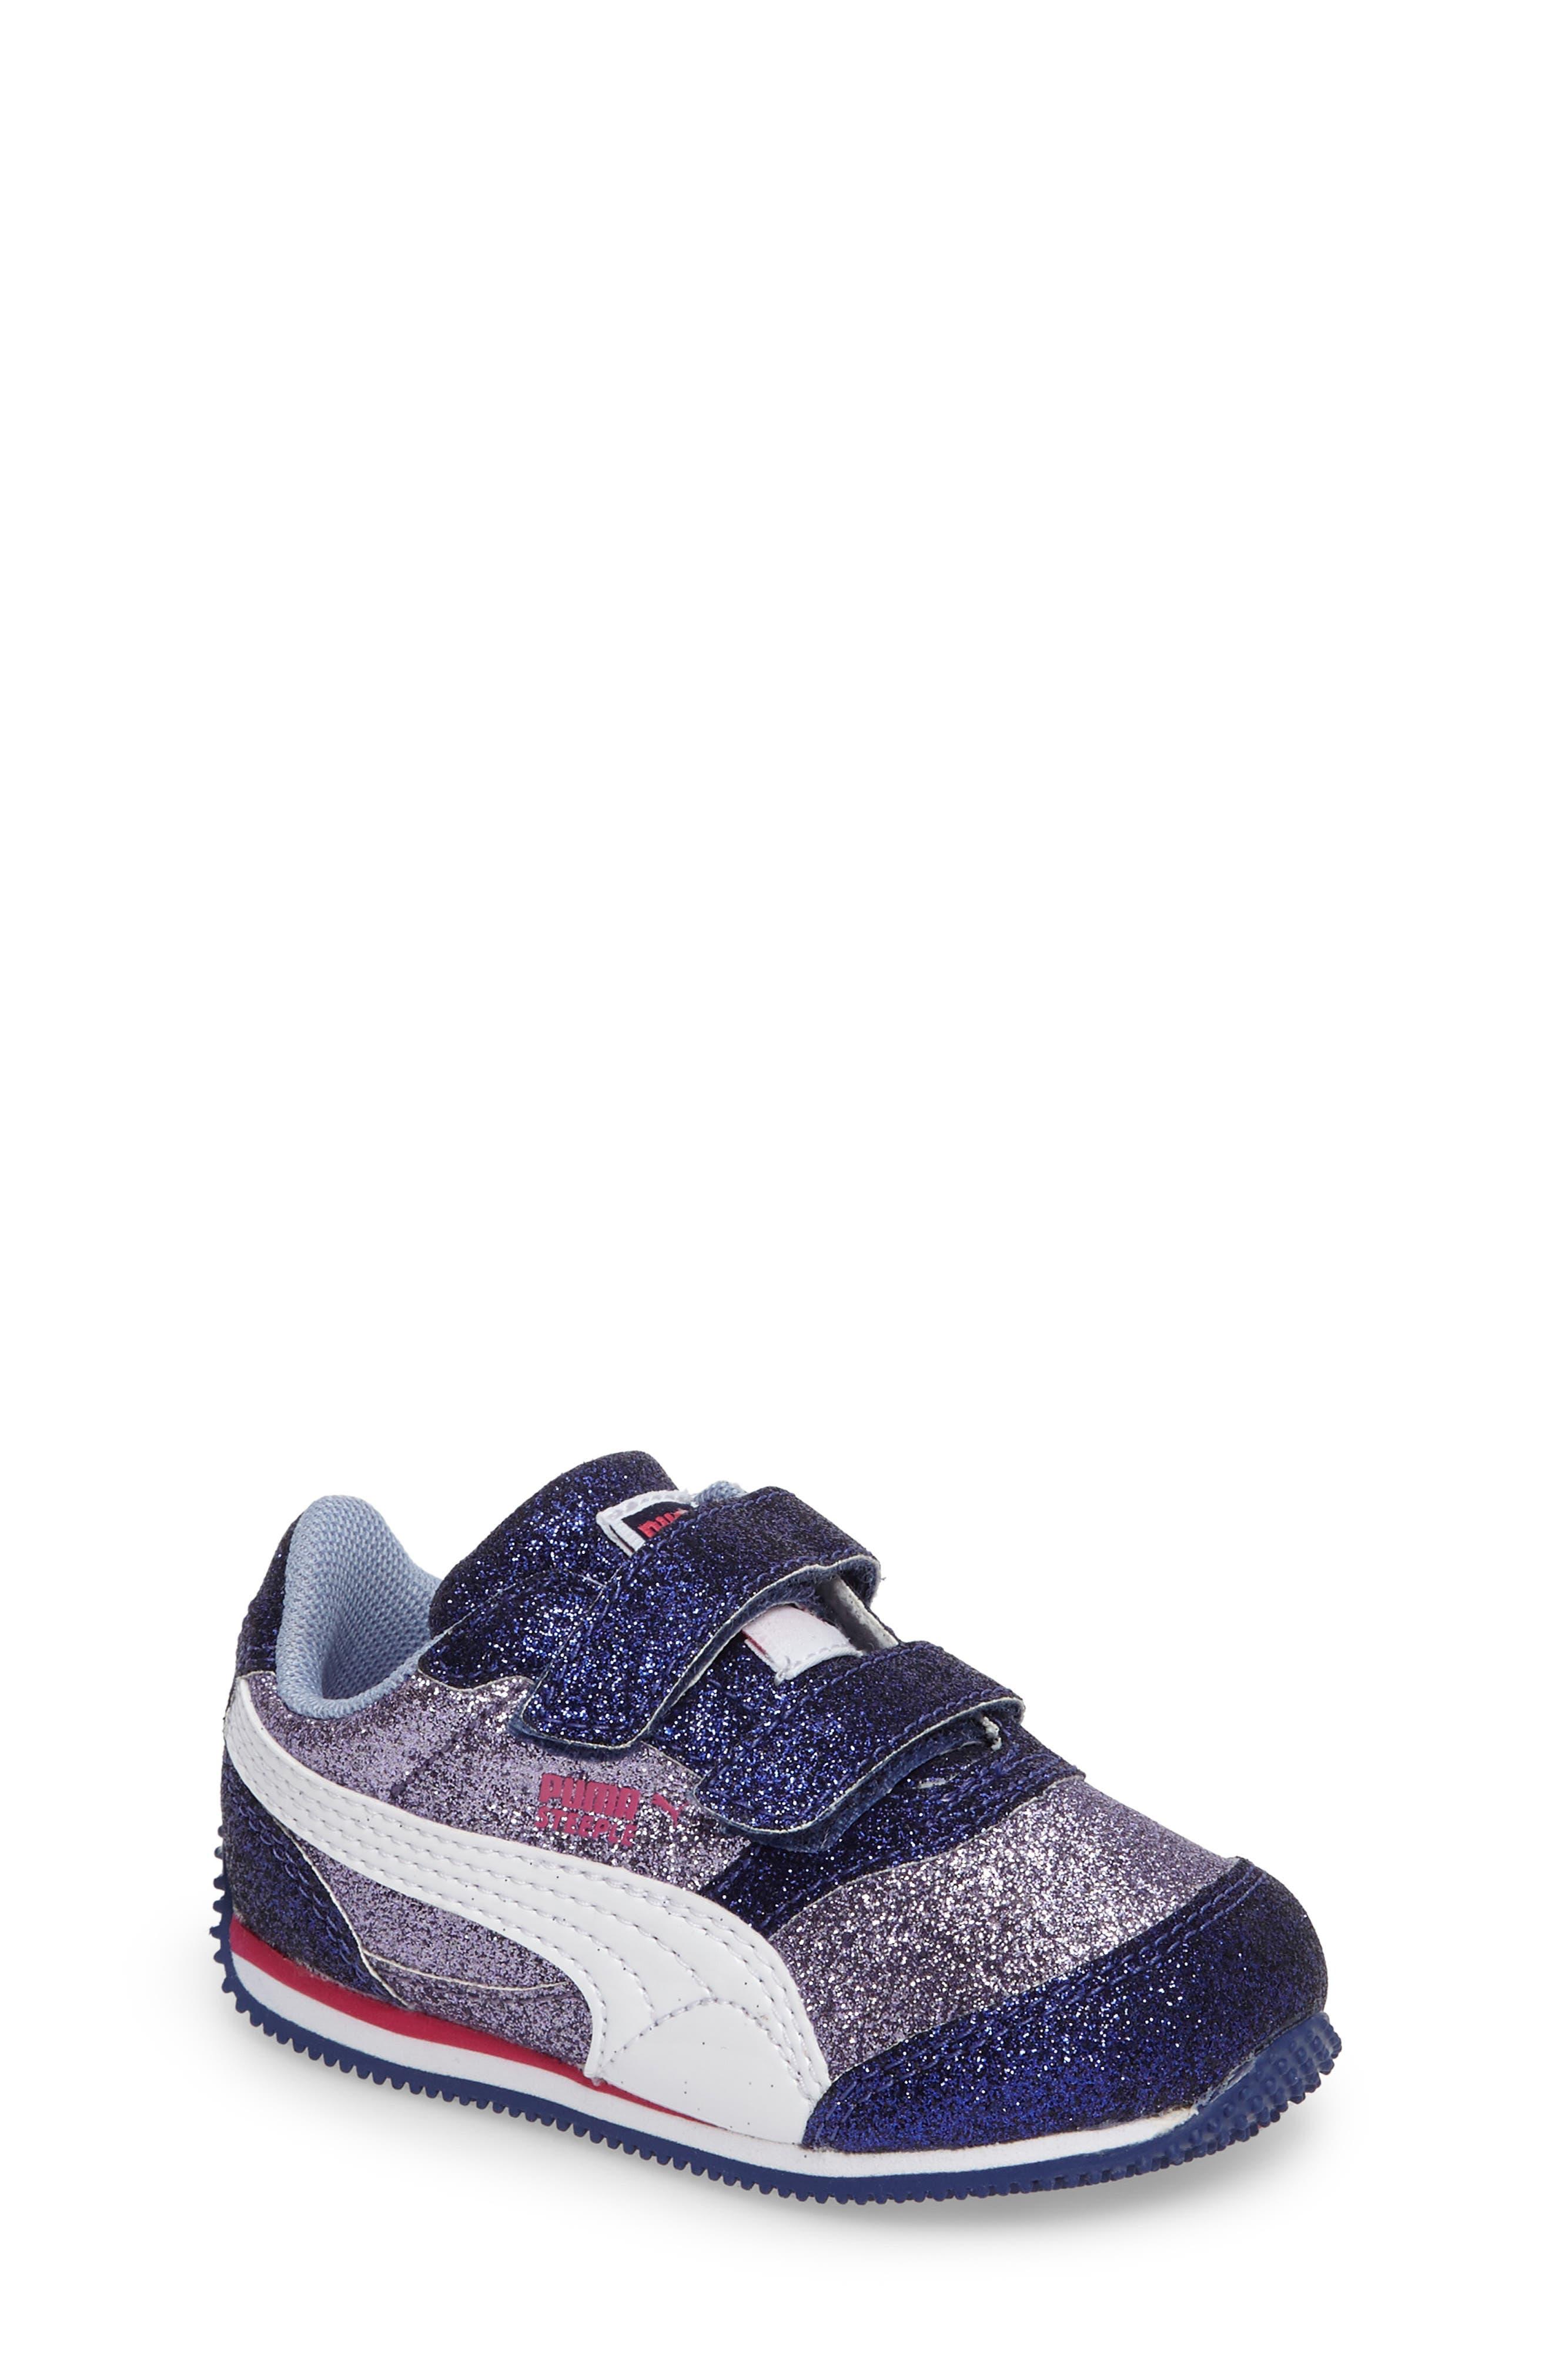 Steeple Glitz Glam Sneaker,                         Main,                         color, Lavender